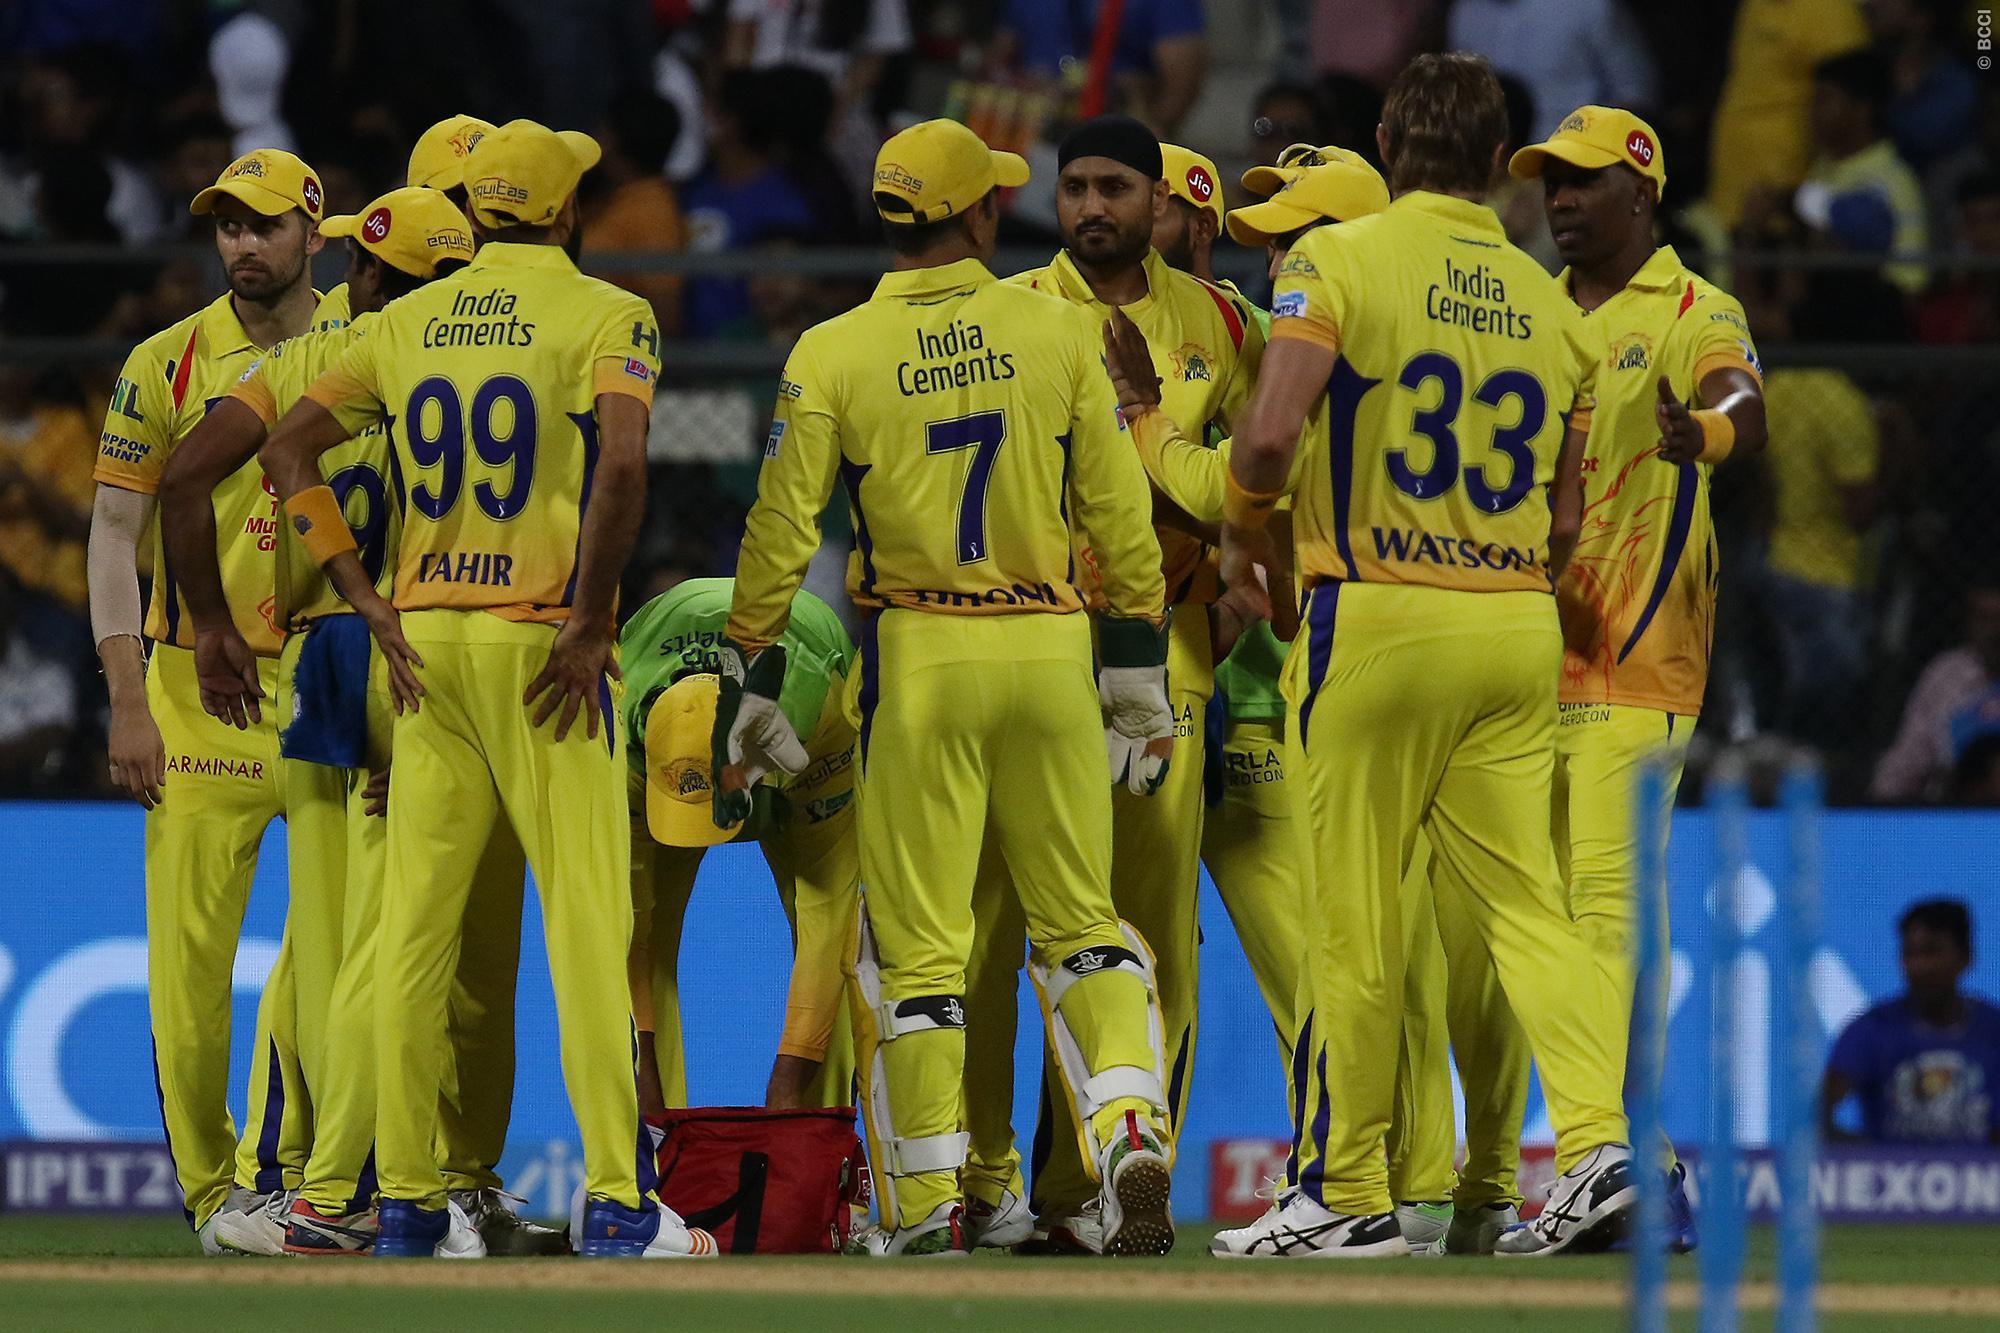 चेन्नई के फैंस को लेकर निराश हुए लिटिल मास्टर सुनील गावस्कर, कहा कुछ ऐसा कि जीत लिया सभी का दिल 4